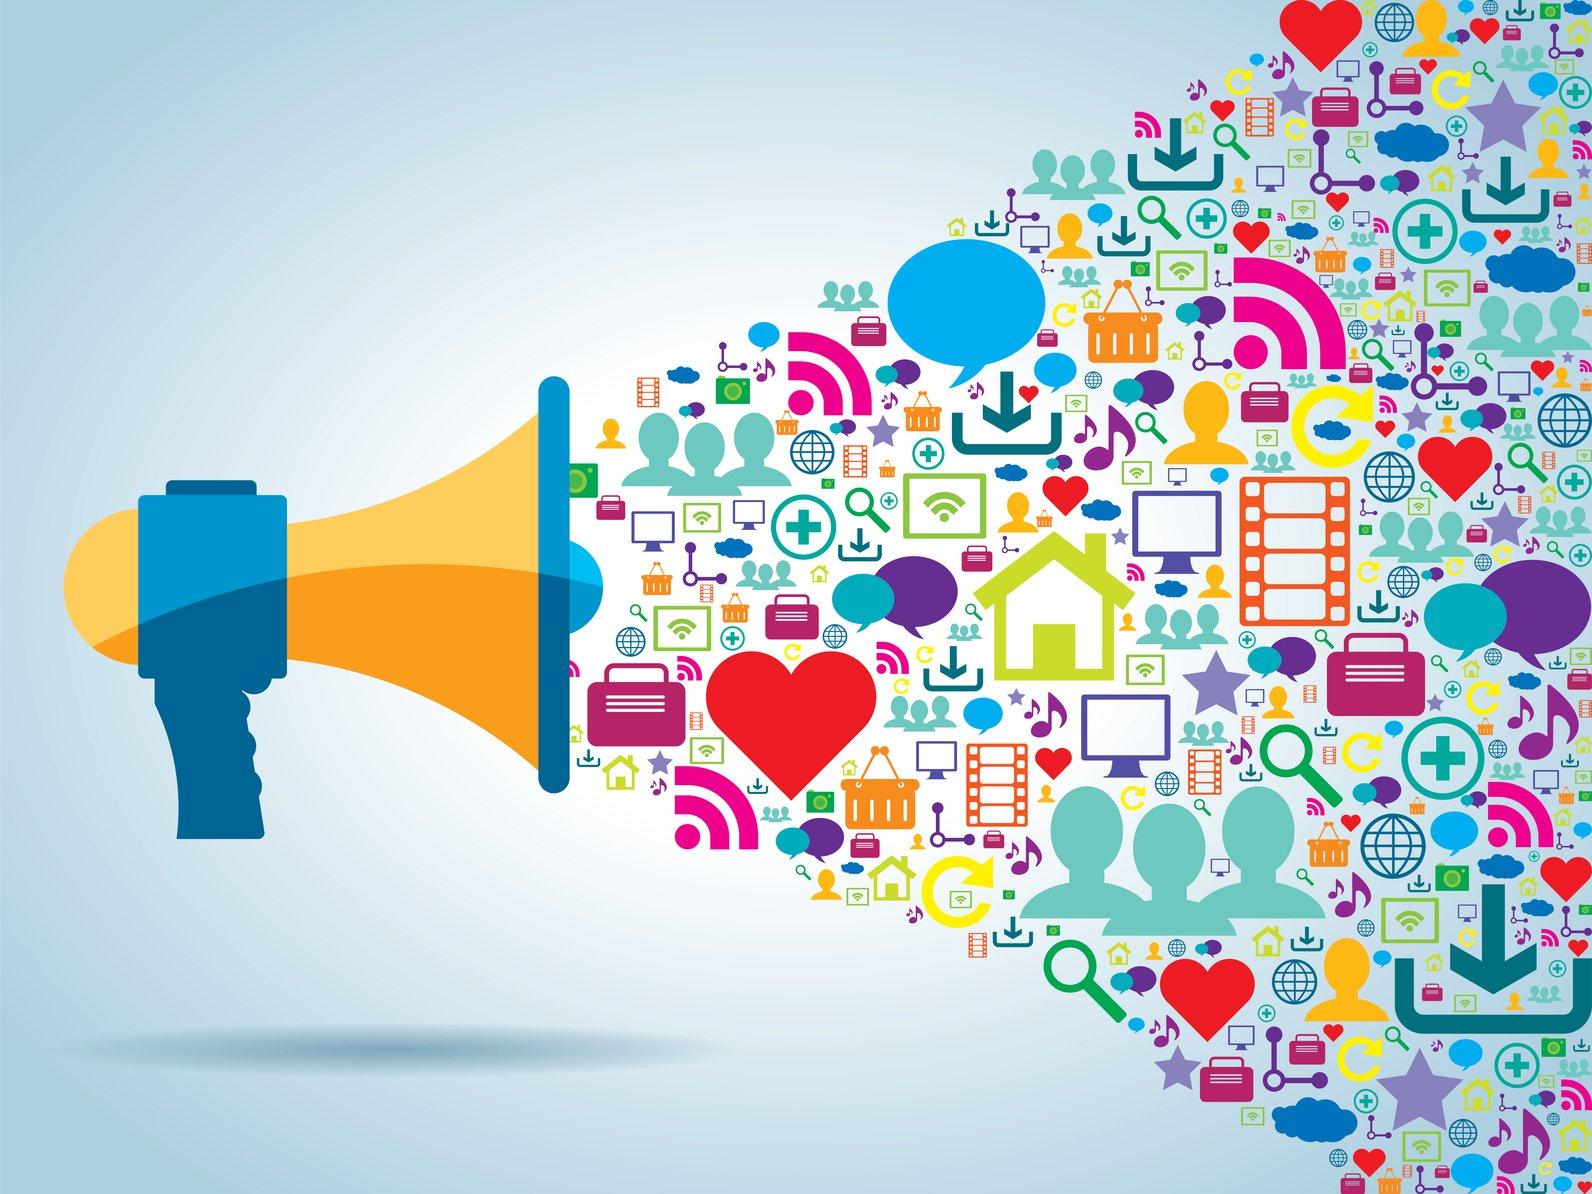 Définir une bonne campagne de communication digitale pour recruter des franchisés